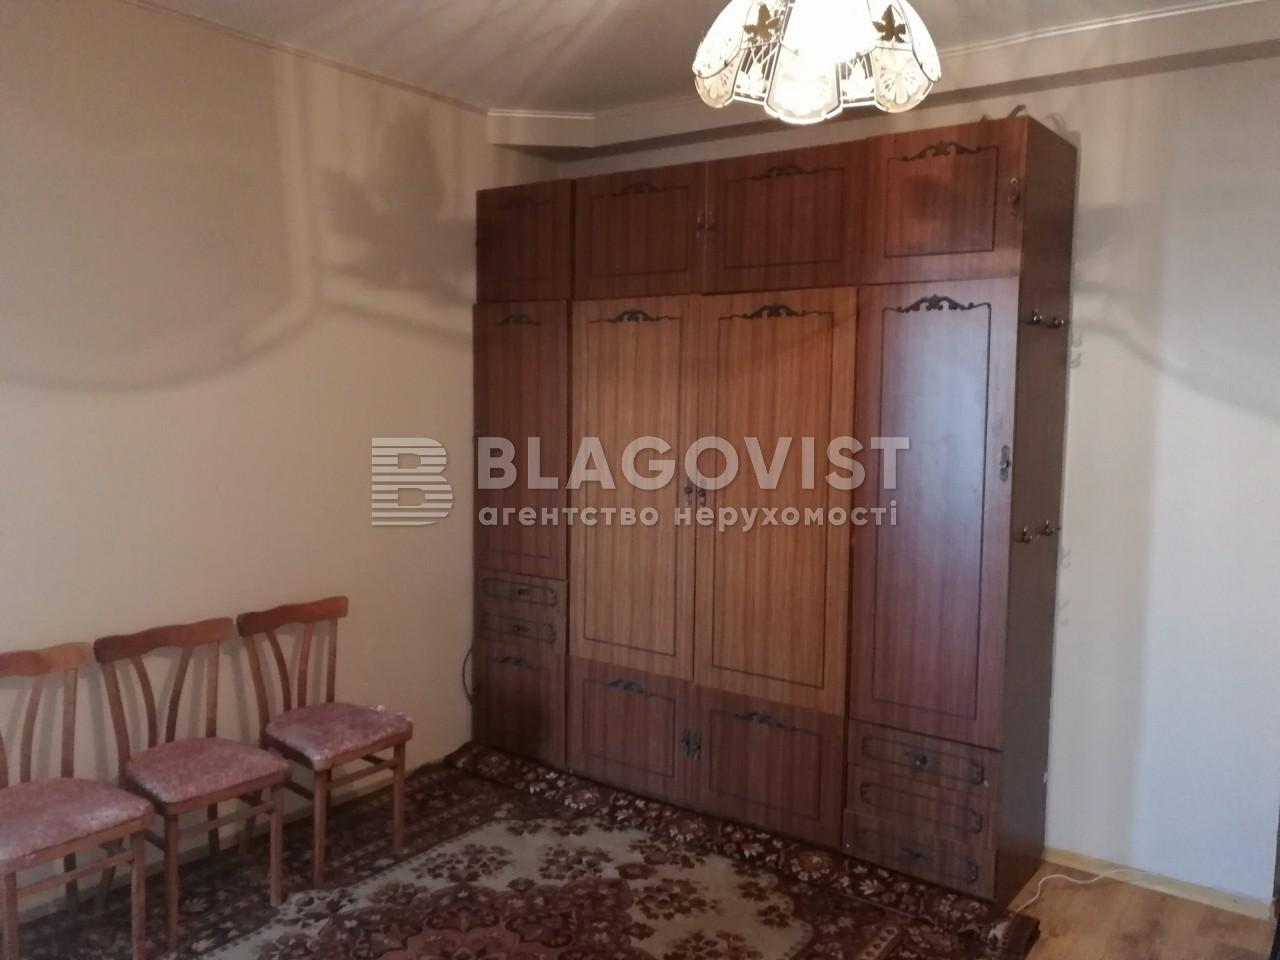 Квартира A-110913, Ахматовой, 13д, Киев - Фото 22